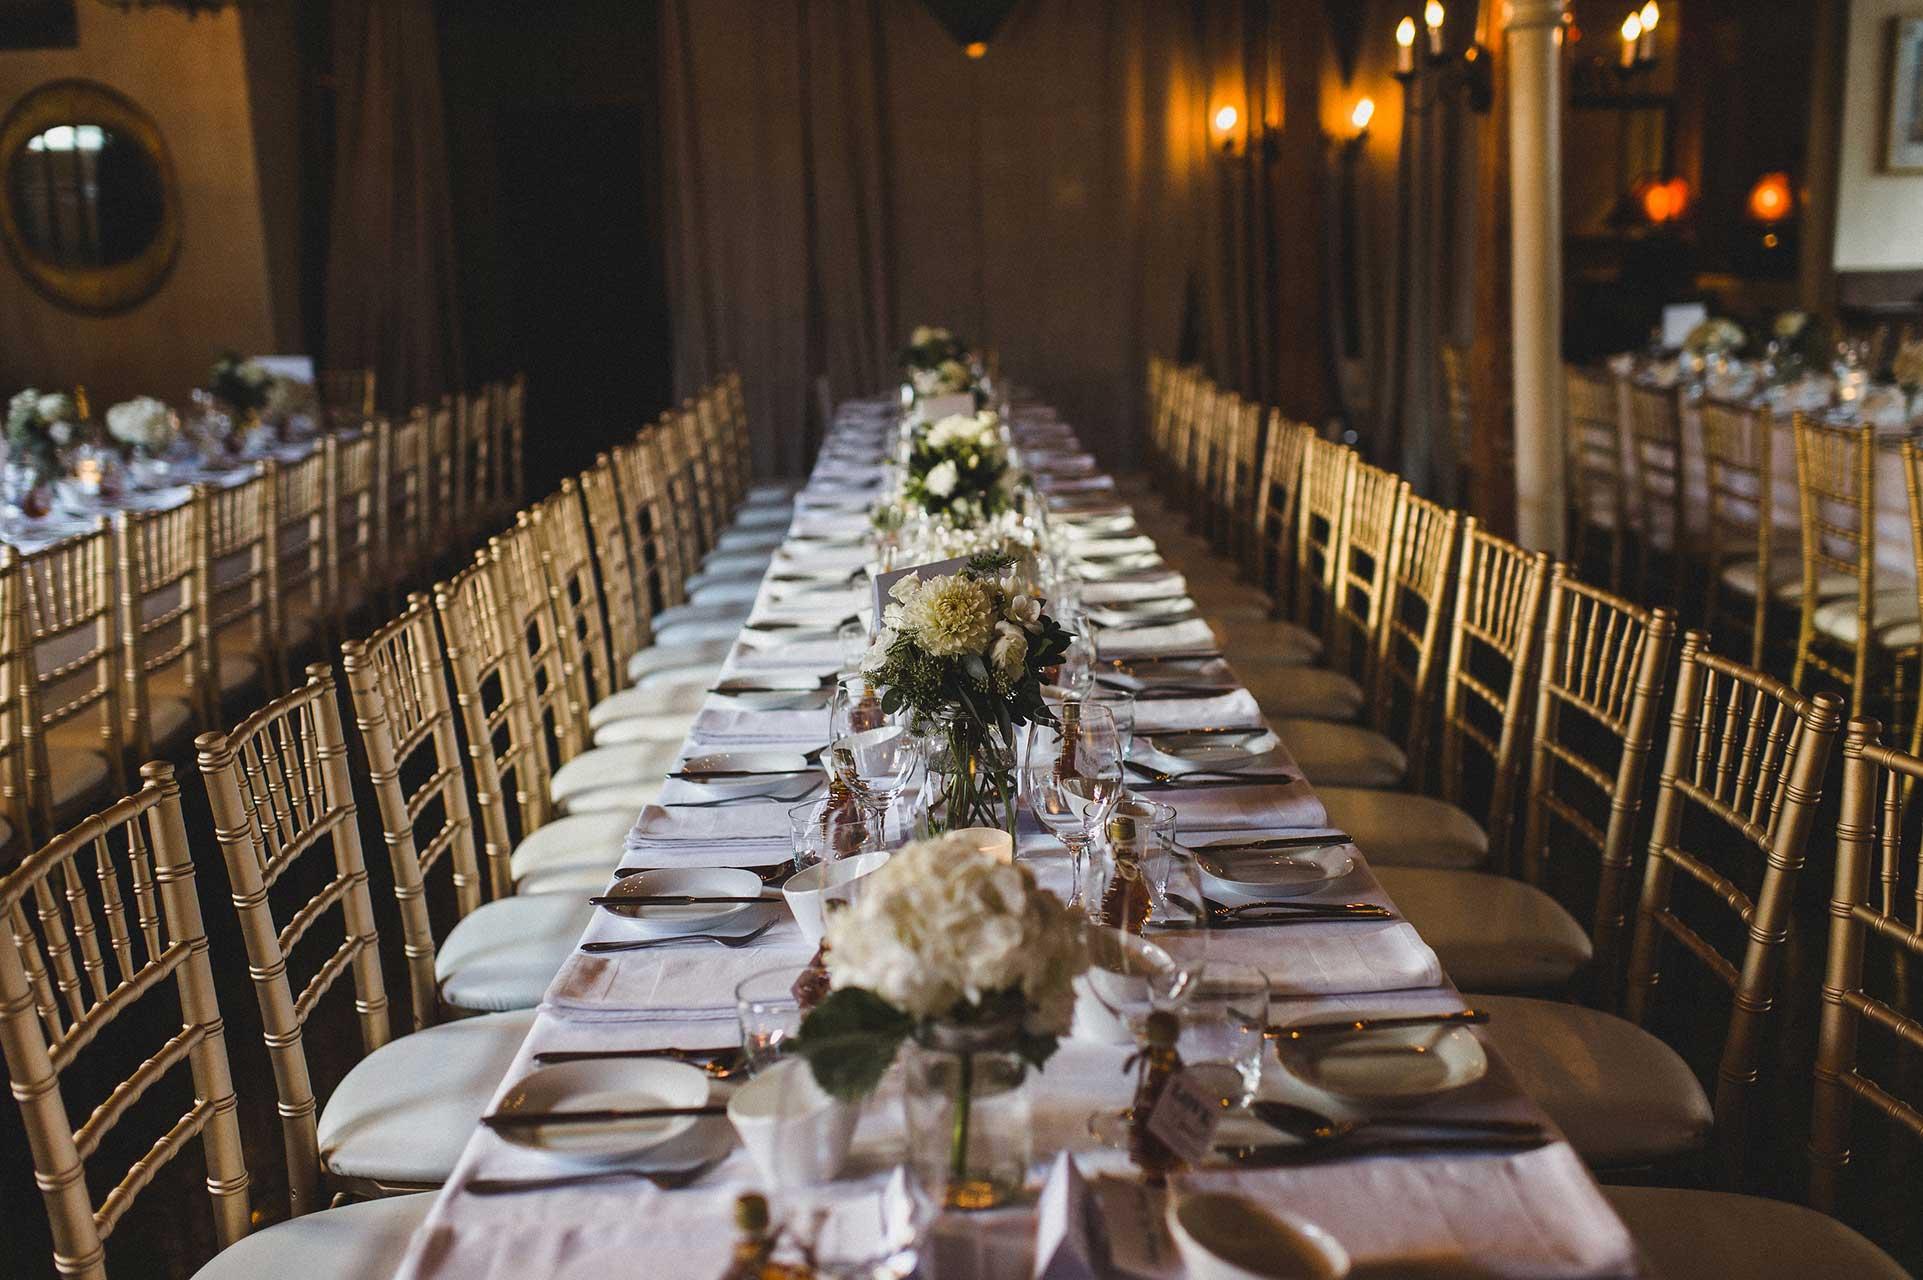 Unique Wedding Venues Toronto - Wedding Reception - Tablescapes - Wedding Centerpieces